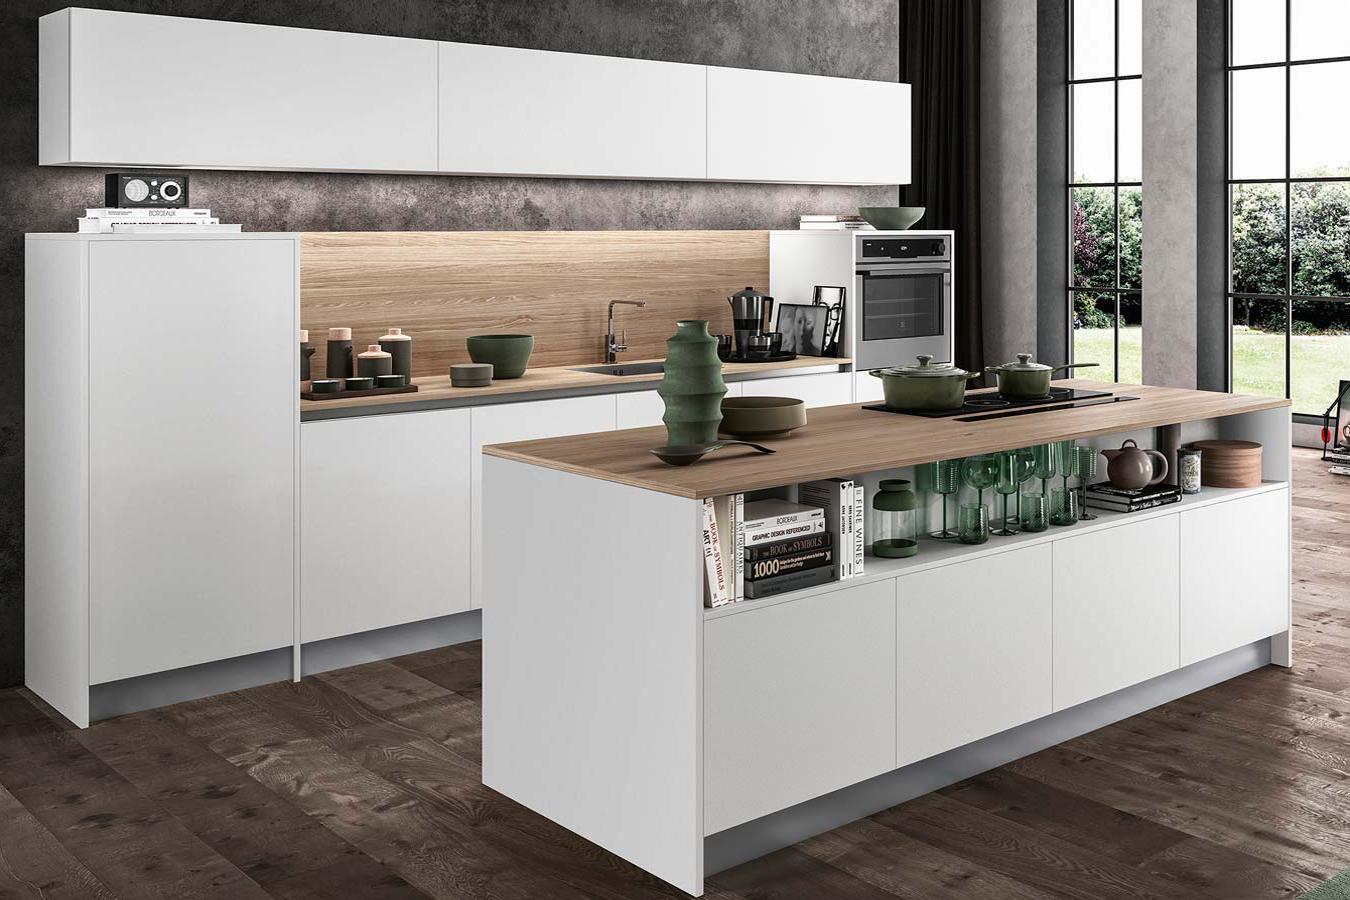 Cucina-moderna-promozione-prezzo-economico-cloe-Arredo3-3-righetti ...